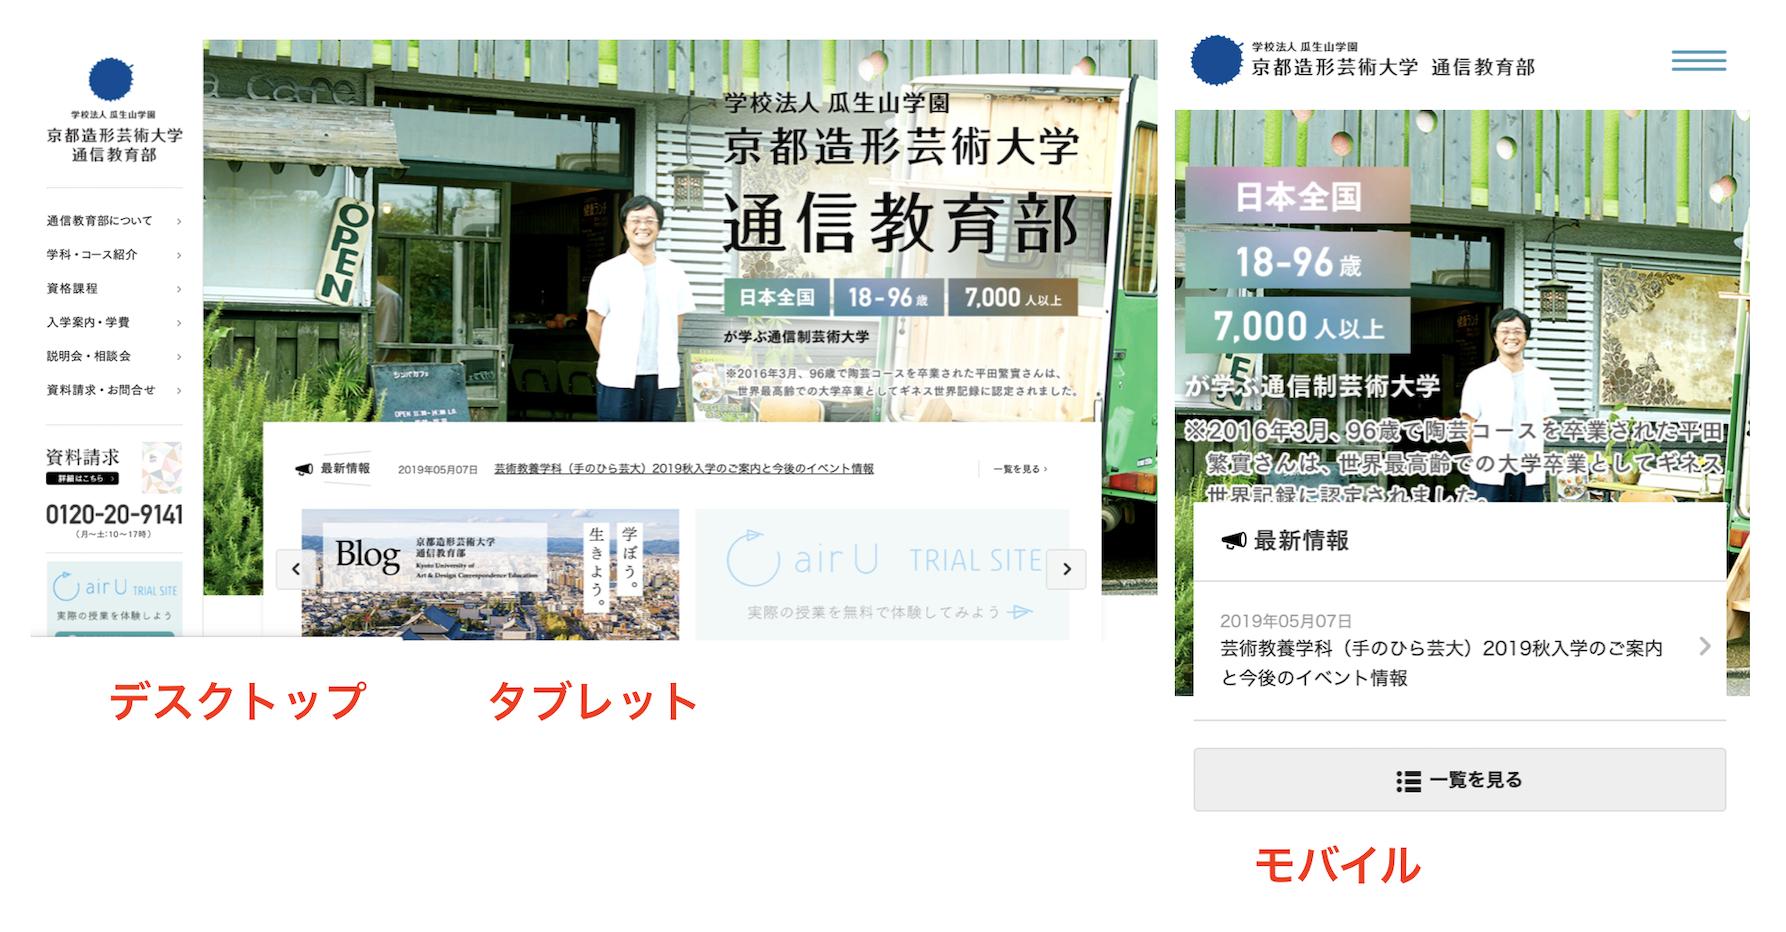 京都造形芸術大学通信教育部_レスポンシブWebデザイン